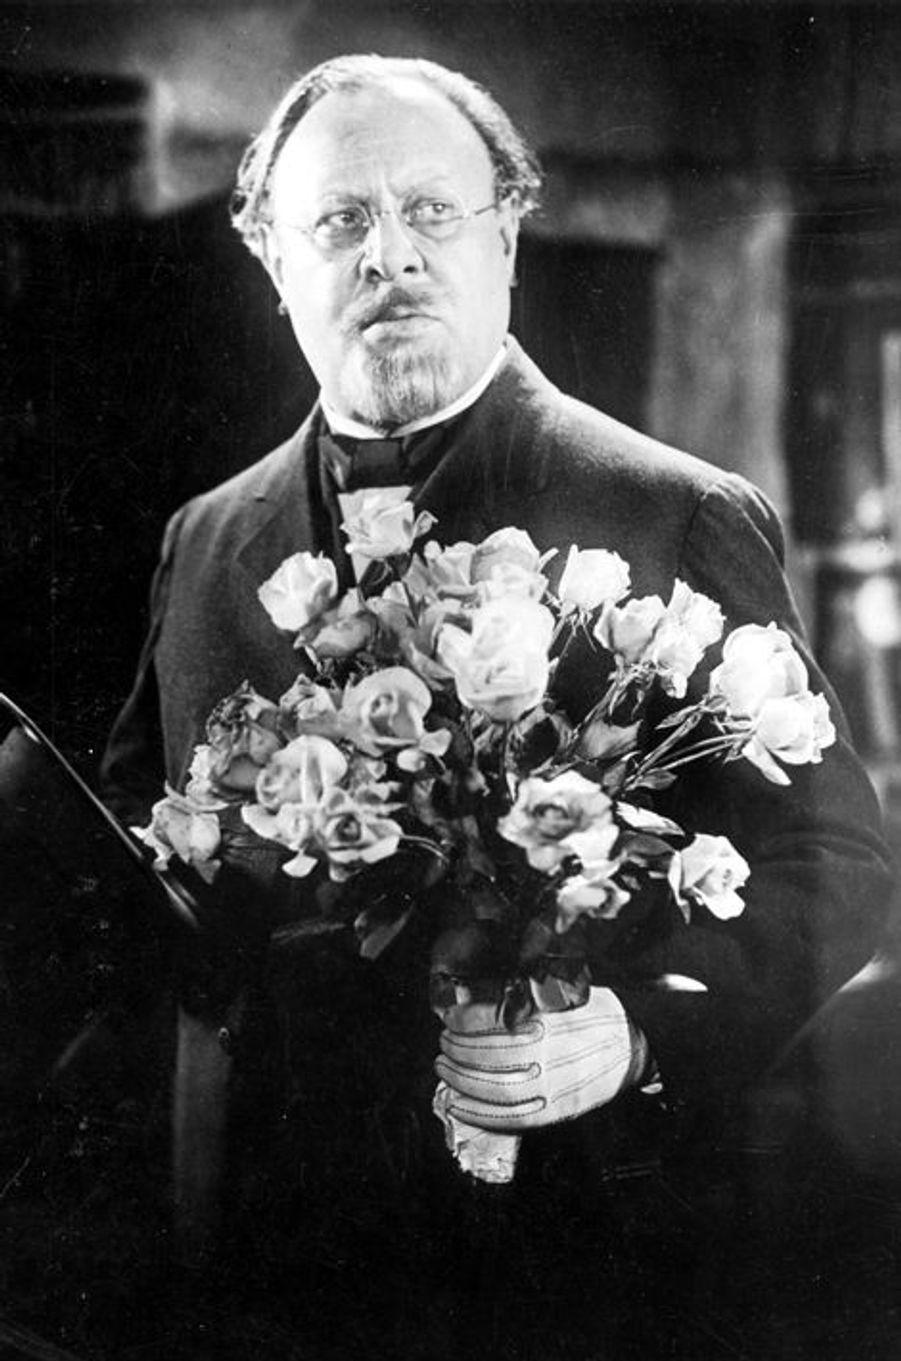 Star du cinéma muet, Emil Jannings est le premier acteur à recevoir un Oscar lors de la première cérémonie en 1929 et le premier non Américain à être primé. Face à l'arrivée du cinéma parlant, cet allemand d'origine retourne dans son pays pour finalement jouer dans plusieurs films nazis et être nommé «artiste d'état» par Joseph Goebbels, même s'il ne s'est jamais engagé dans le parti. La légende dit que lors de l'arrivée des troupes alliées en 1945, il aurait utilisé son Oscar comme preuve de ses rapports passés avec Hollywood en espérant éviter de se faire tuer.